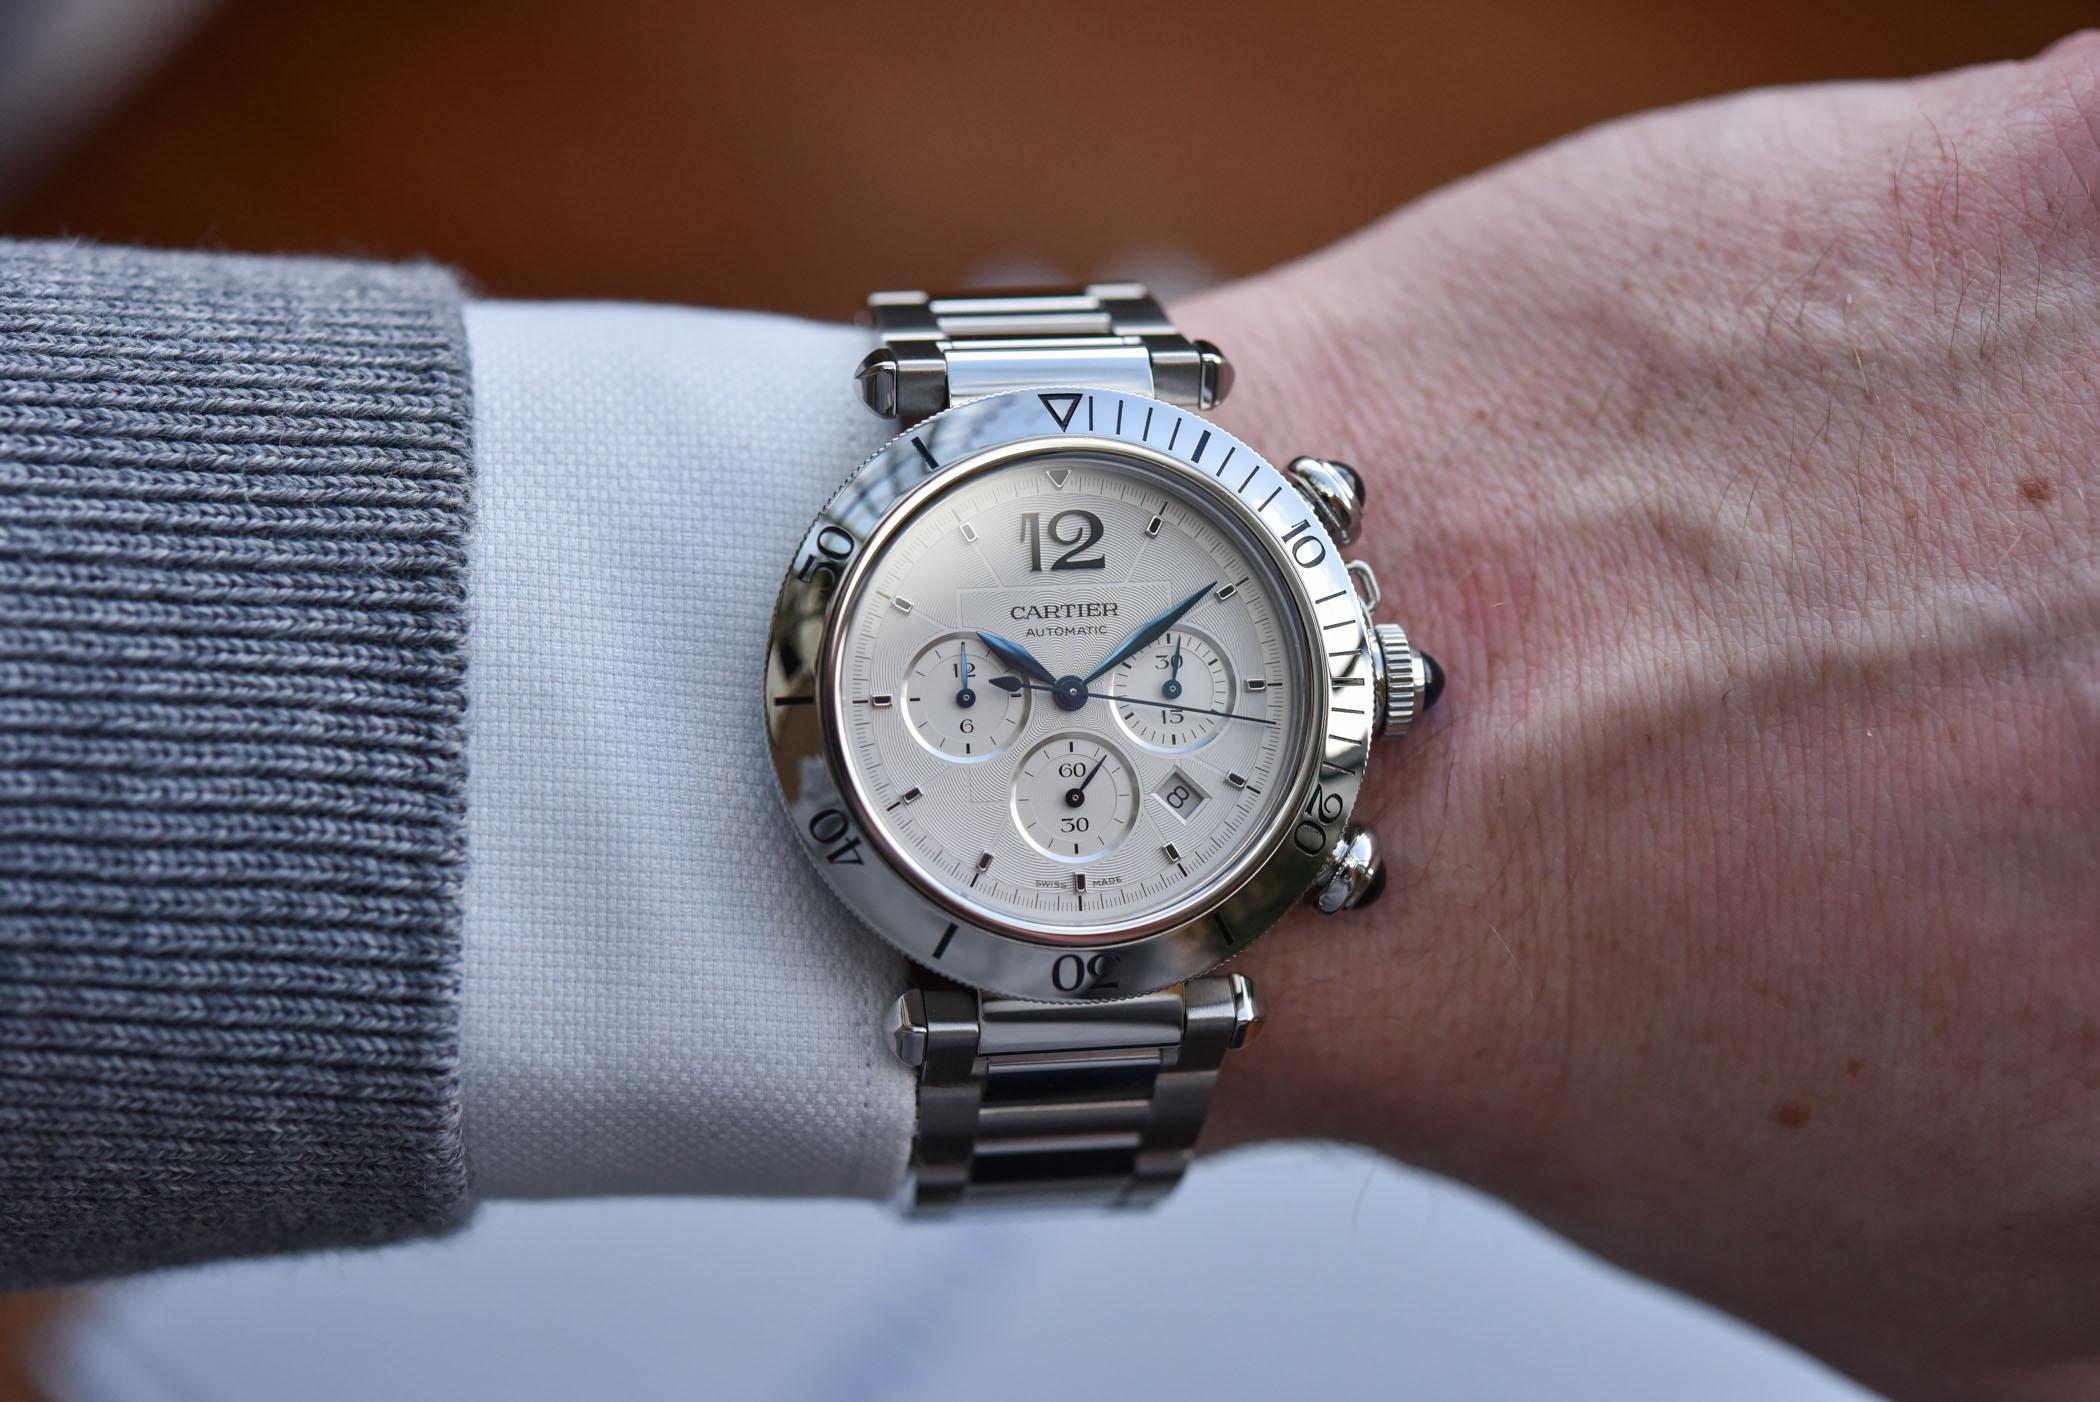 Top 4 mẫu đồng hồ tuyệt vời cho dịp Ngày của Cha